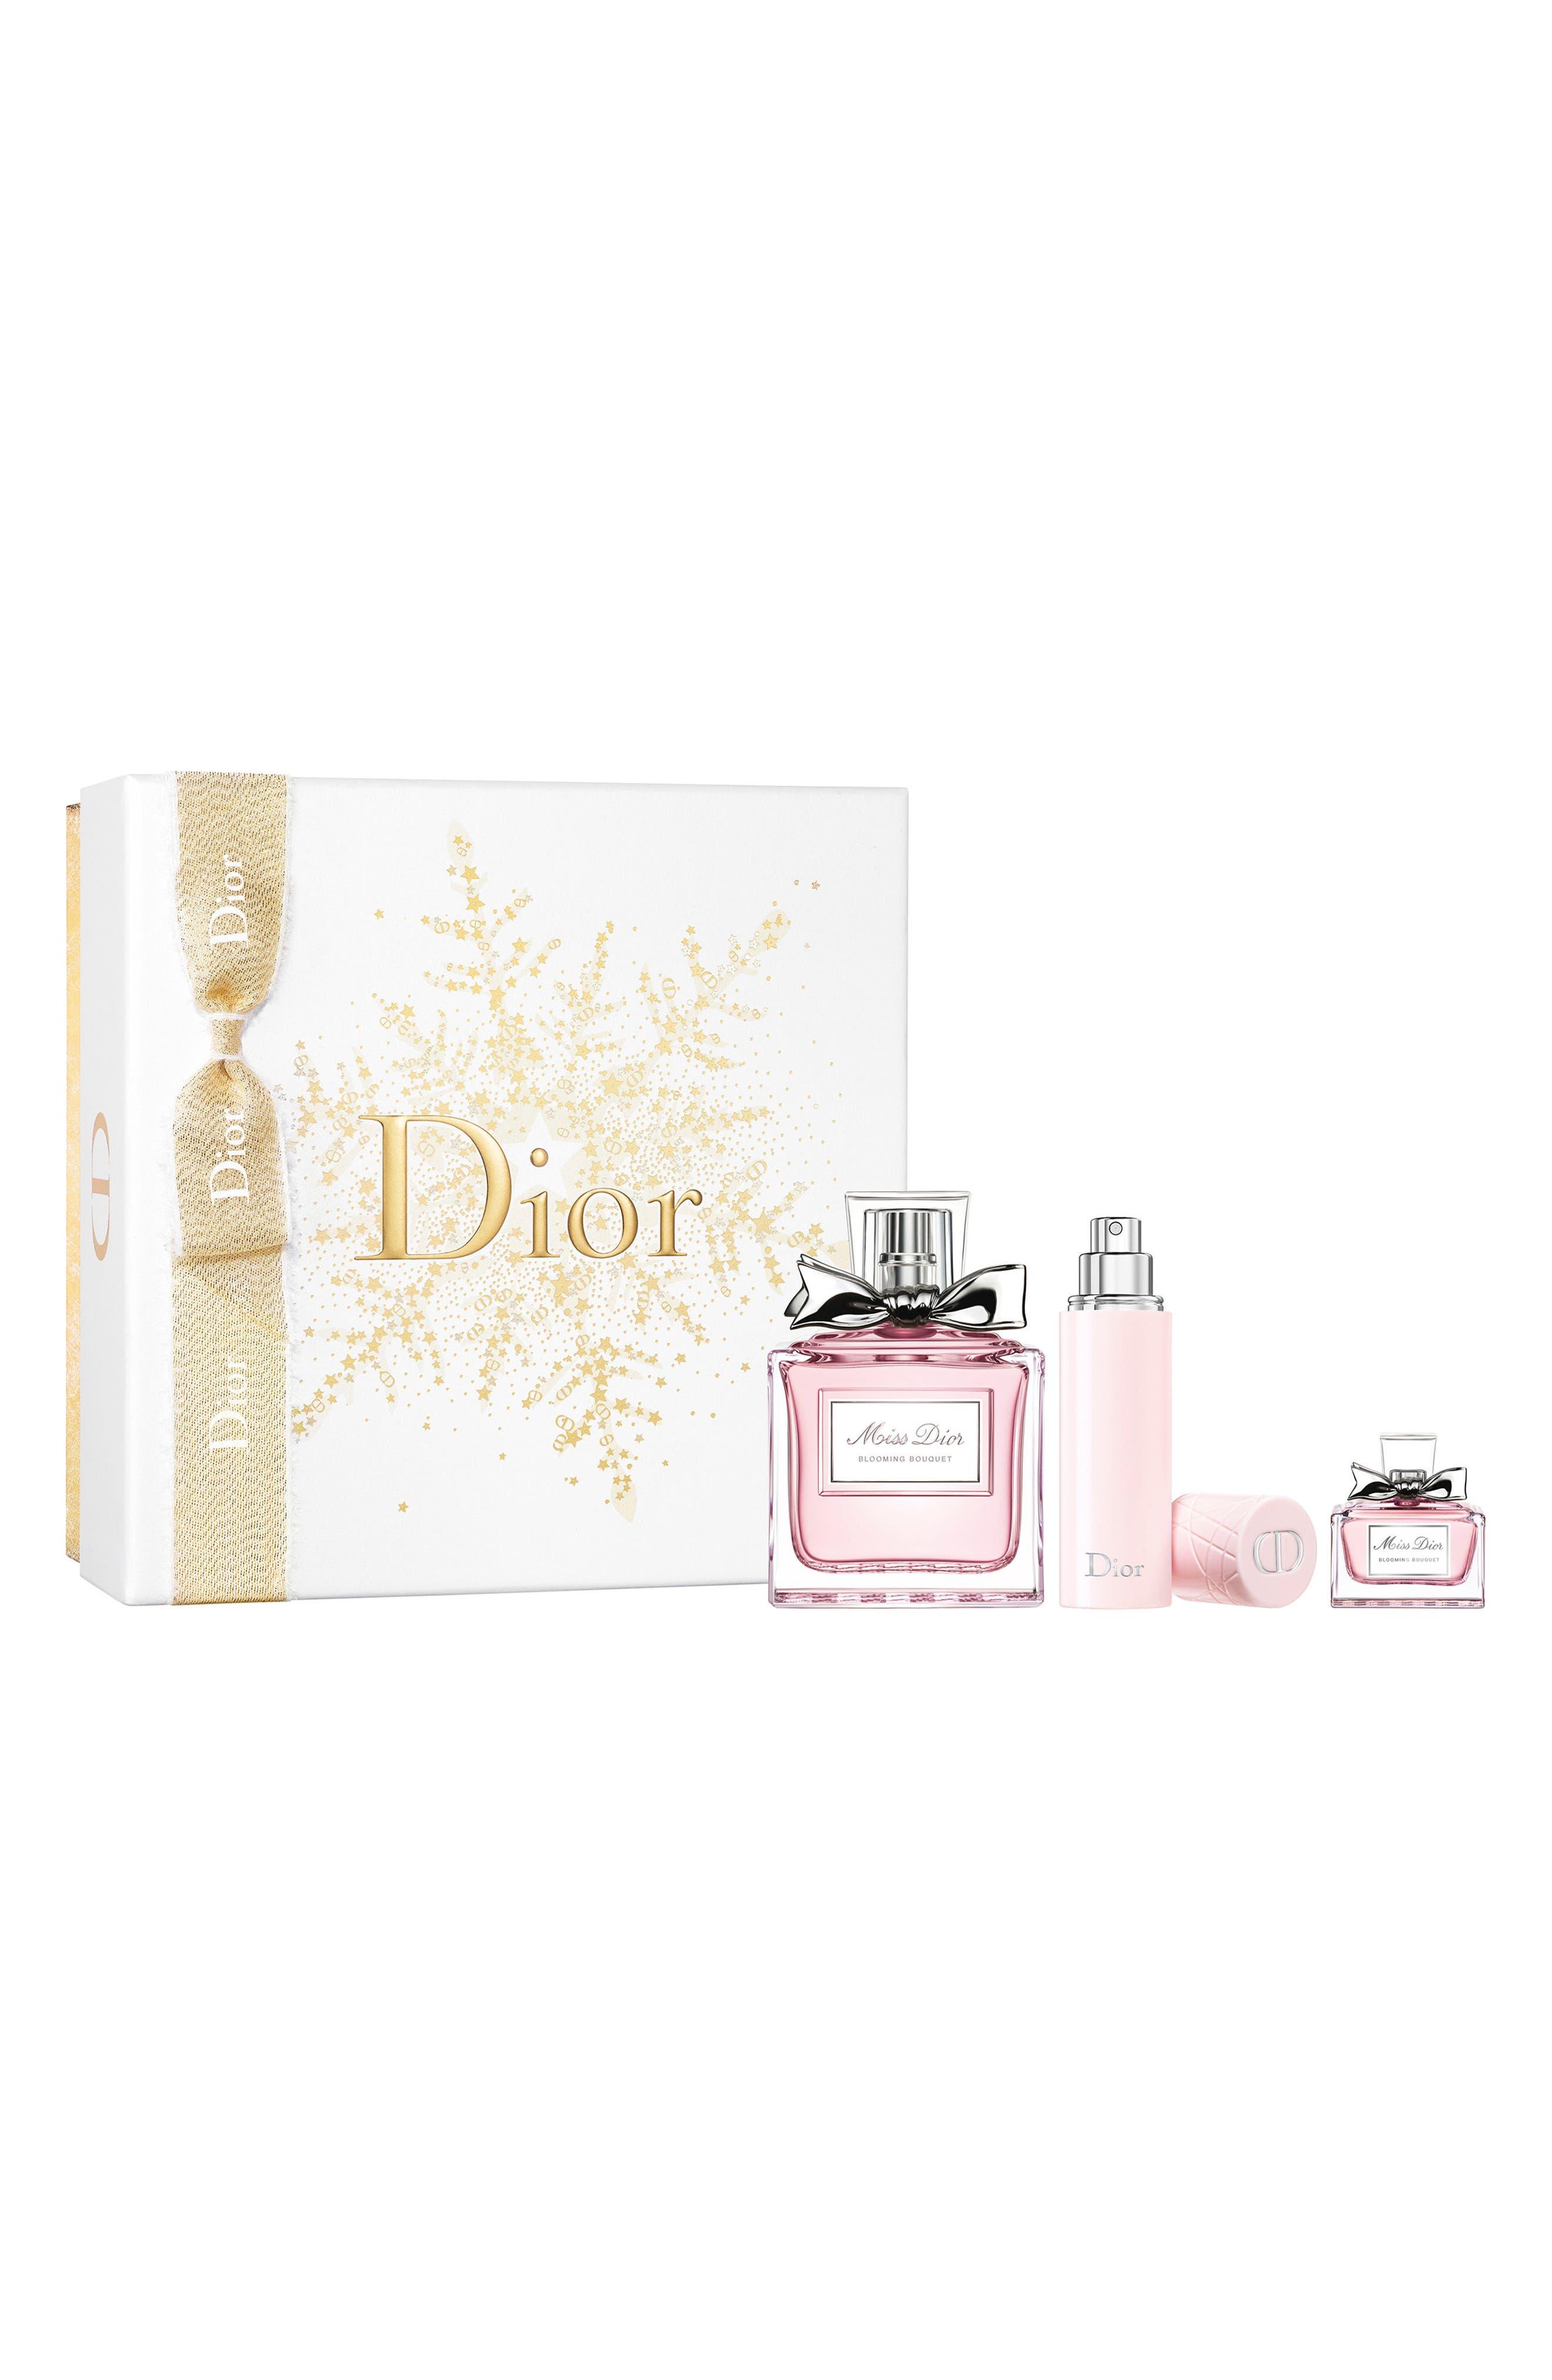 Miss Dior Blooming Bouquet Eau de Toilette Signature Set,                         Main,                         color, No Color